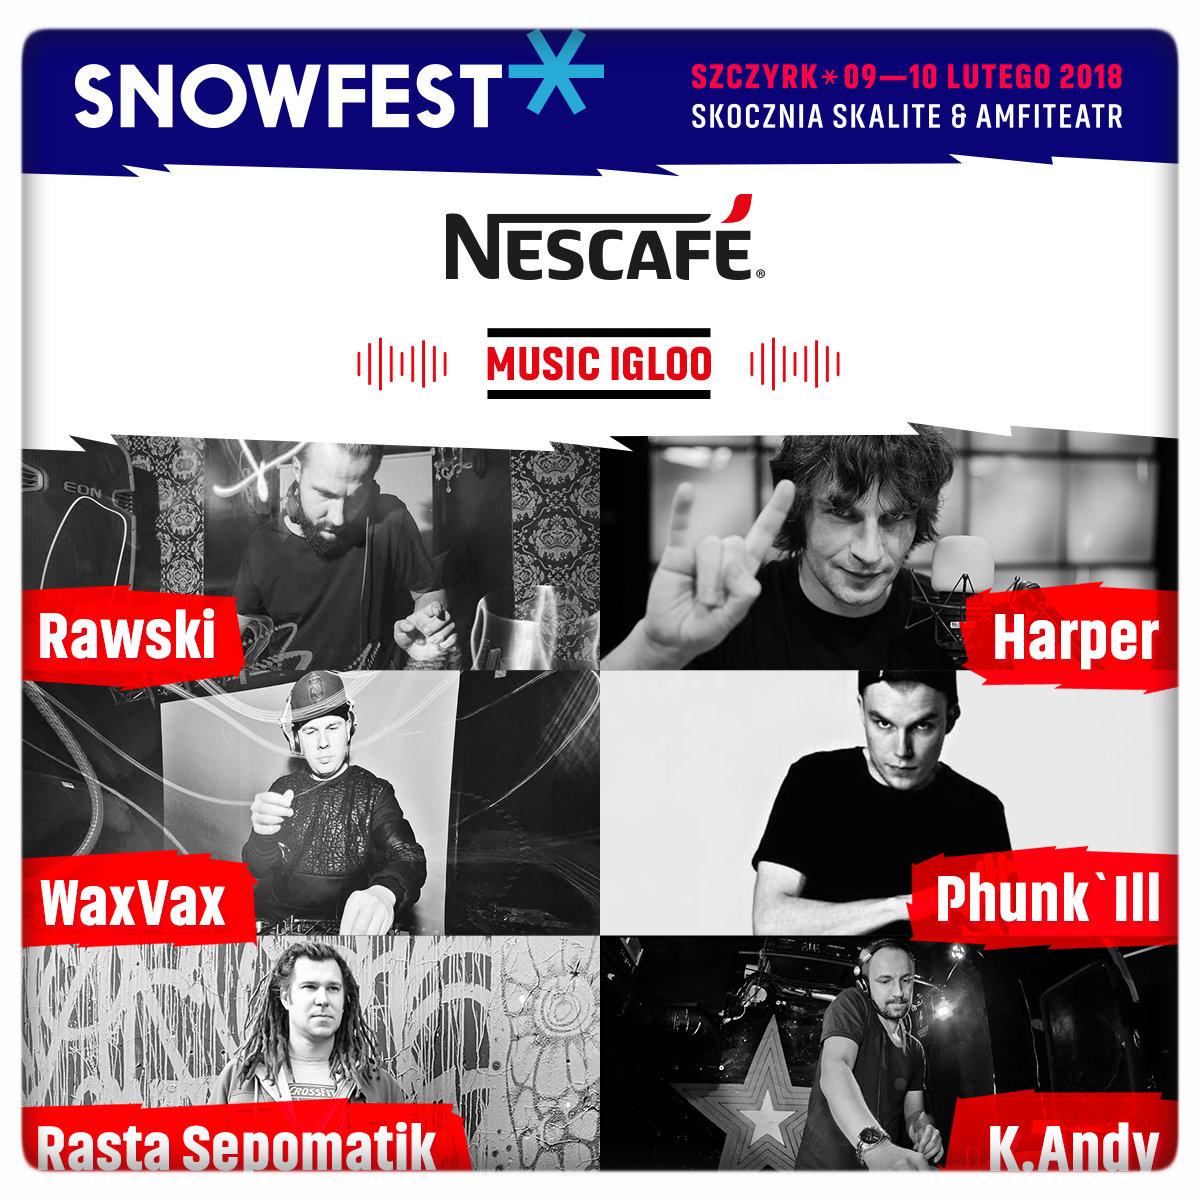 Rozkład jazdy w Nescafe Music Igloo